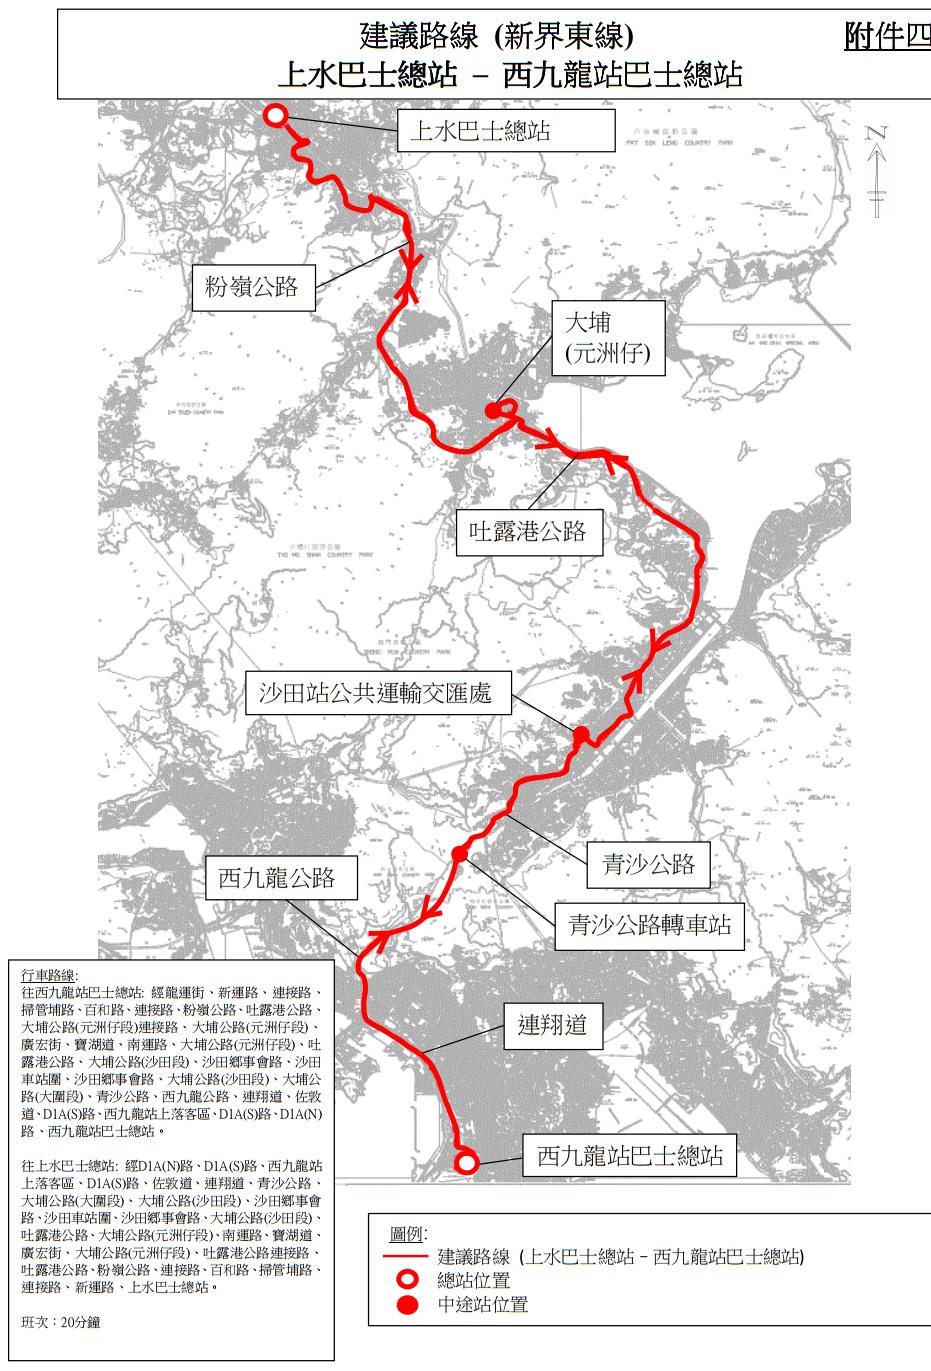 十八�:e9�9�a��.K��{��Y_運輸署建議開辦三條新巴士線往返西九龍高鐵站-香港巴士討論